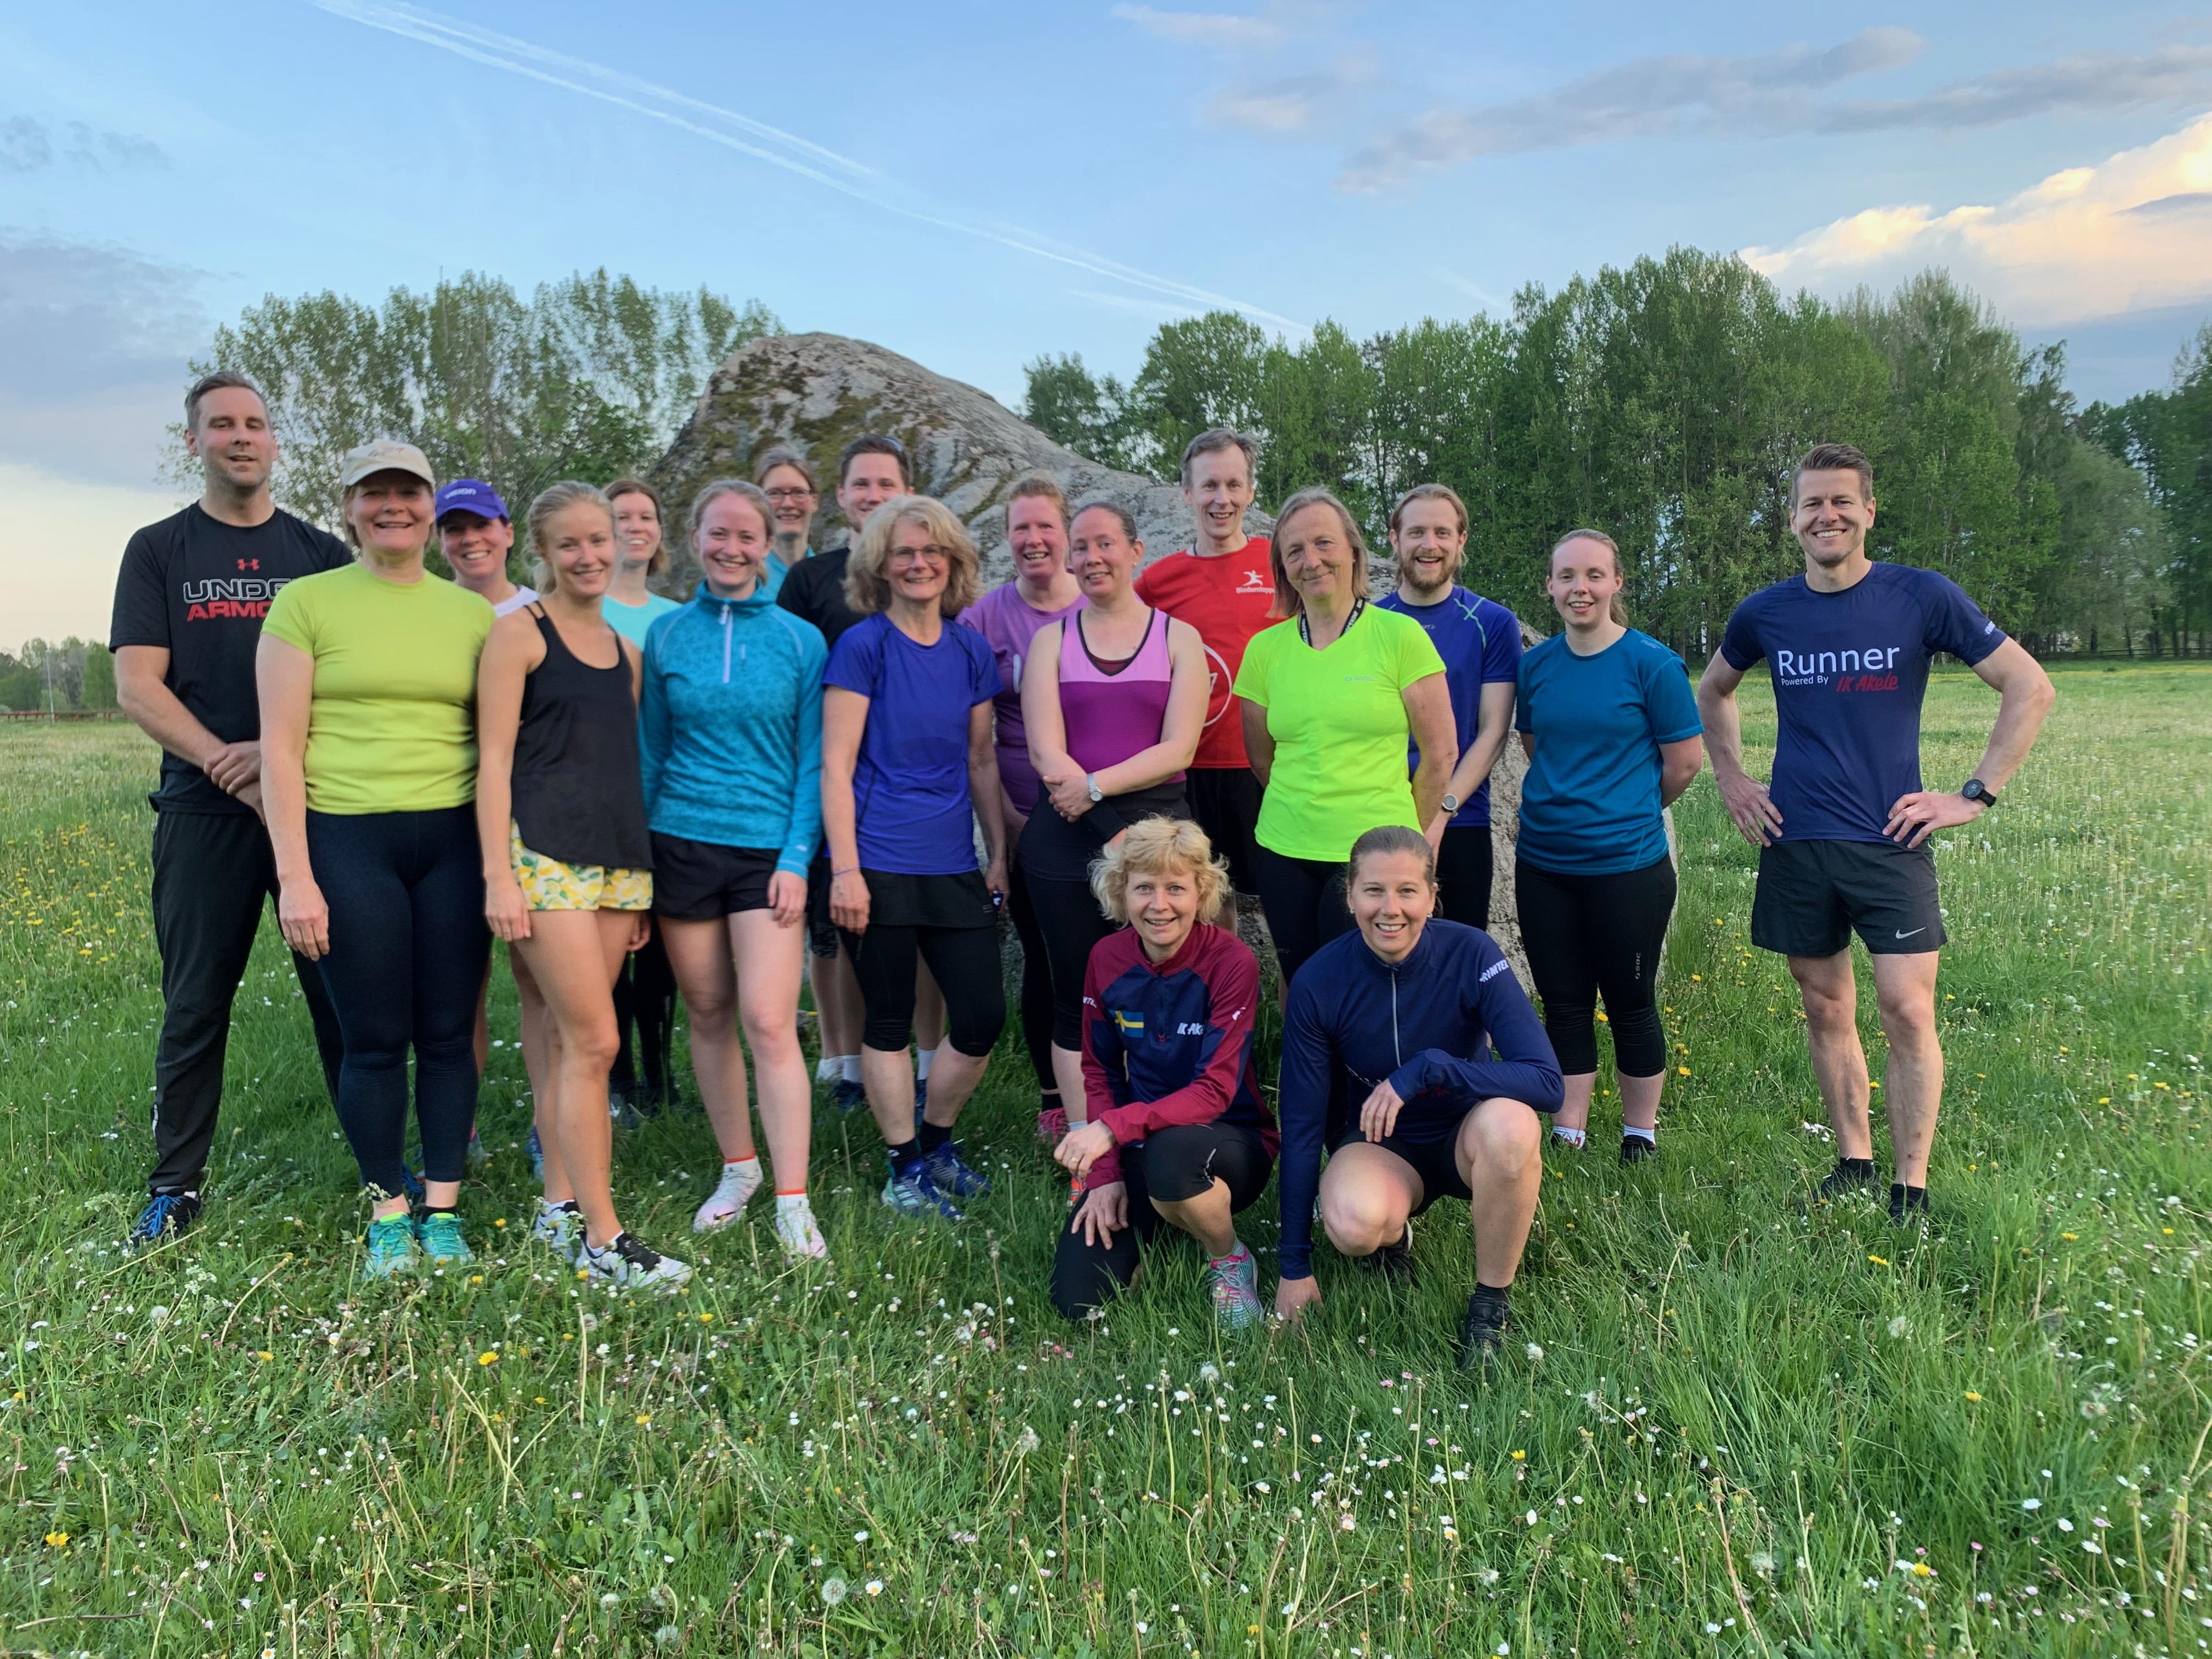 Träna löpning i Linköping - Löpargrupp för alla, nybörjare som erfaren löpare